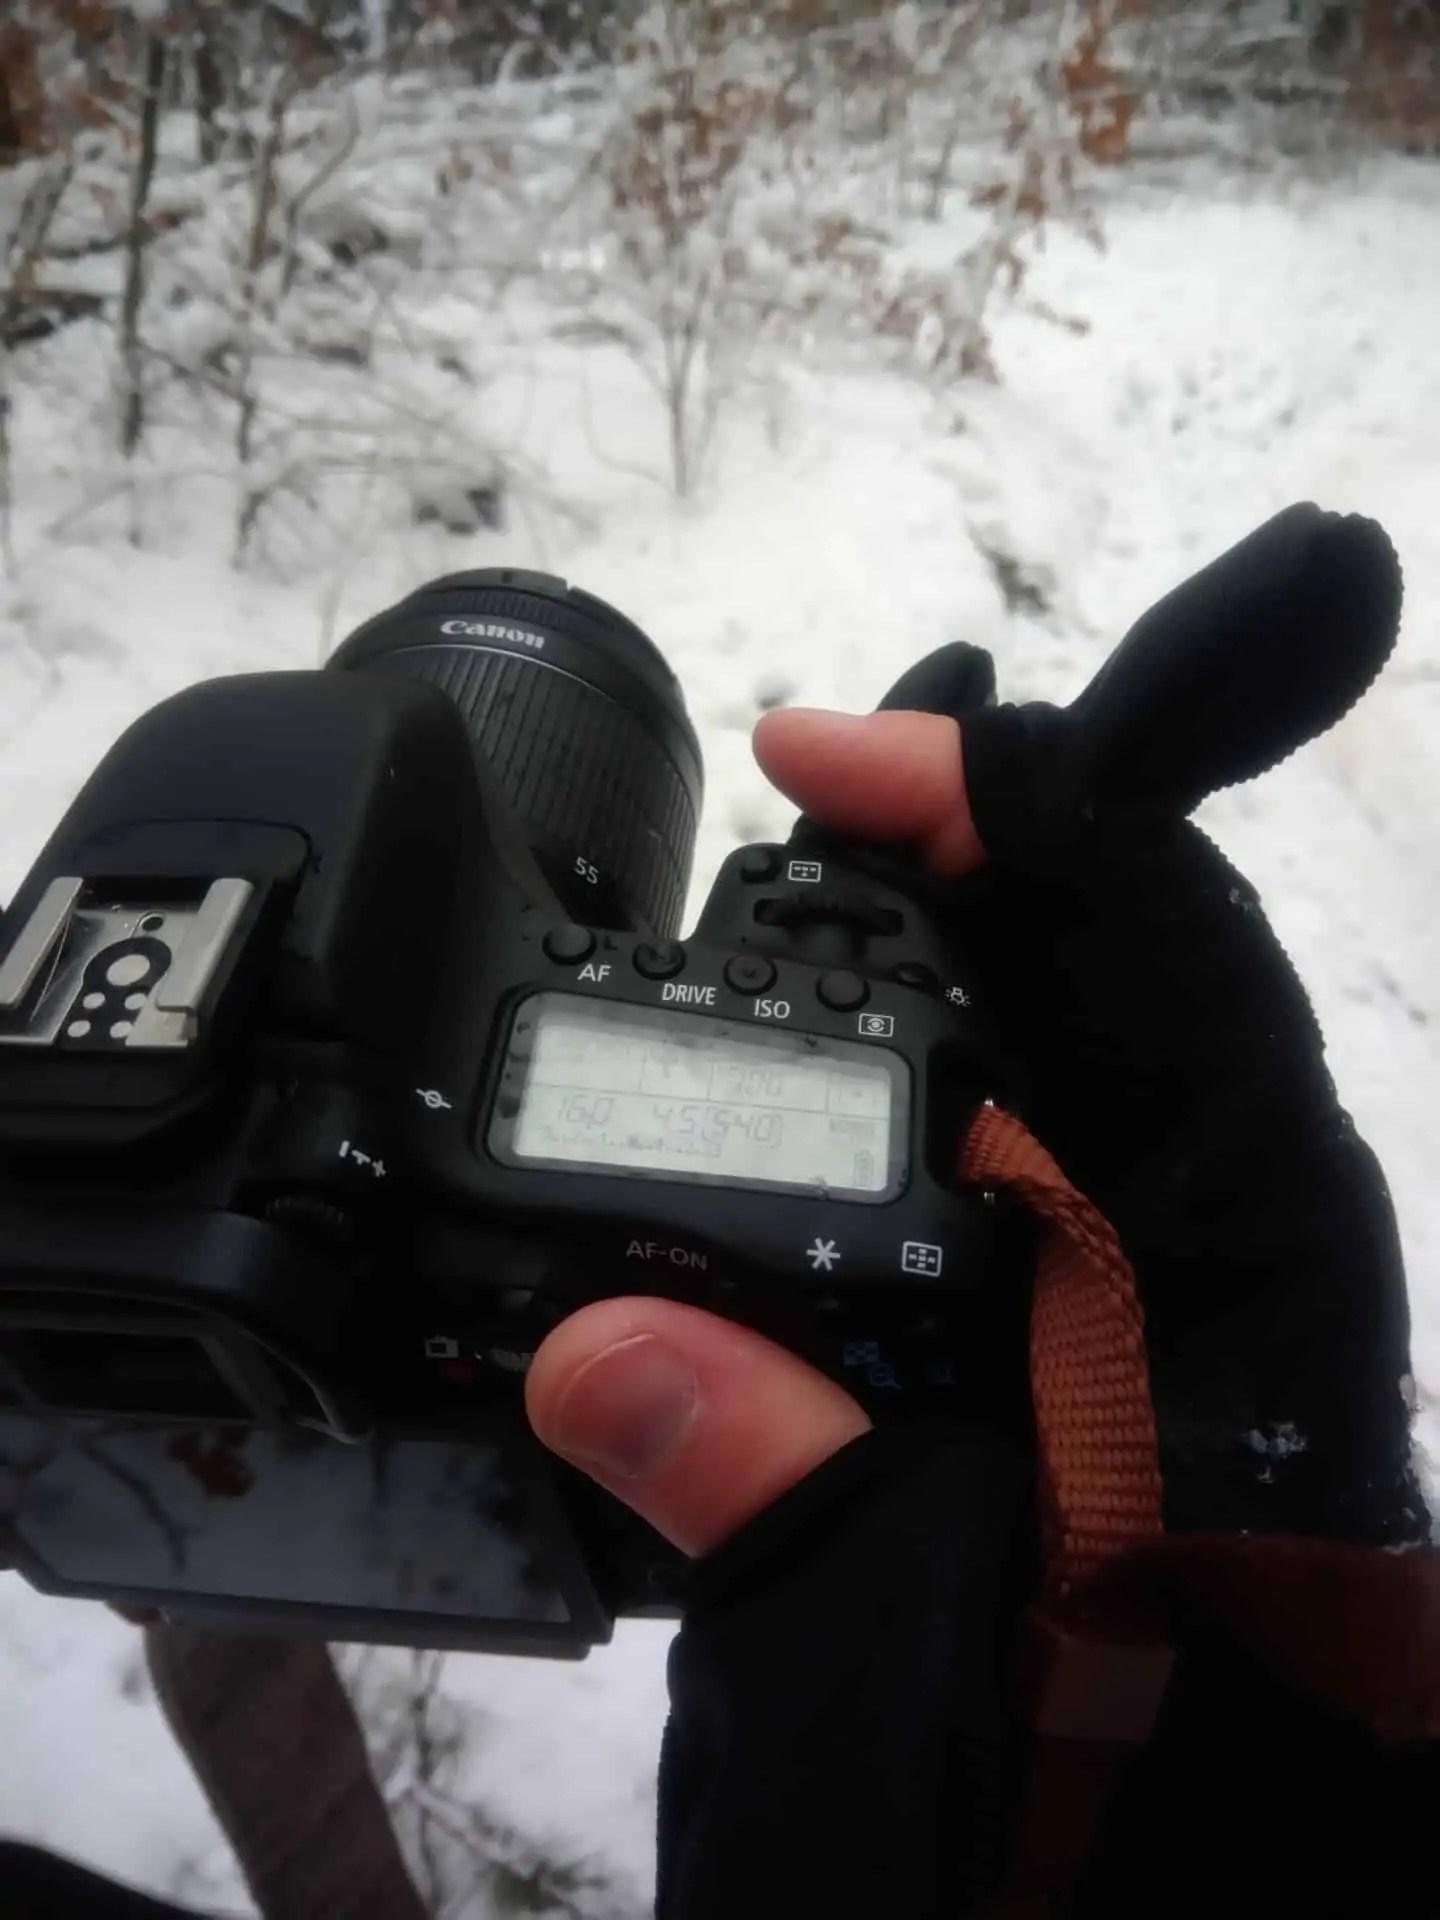 Aparat trzymany w rekawiczkach zdecydowanie czuje ze jest bezpieczniej - Rękawiczki fotograficzne pgytech - 5 ważnych zalet